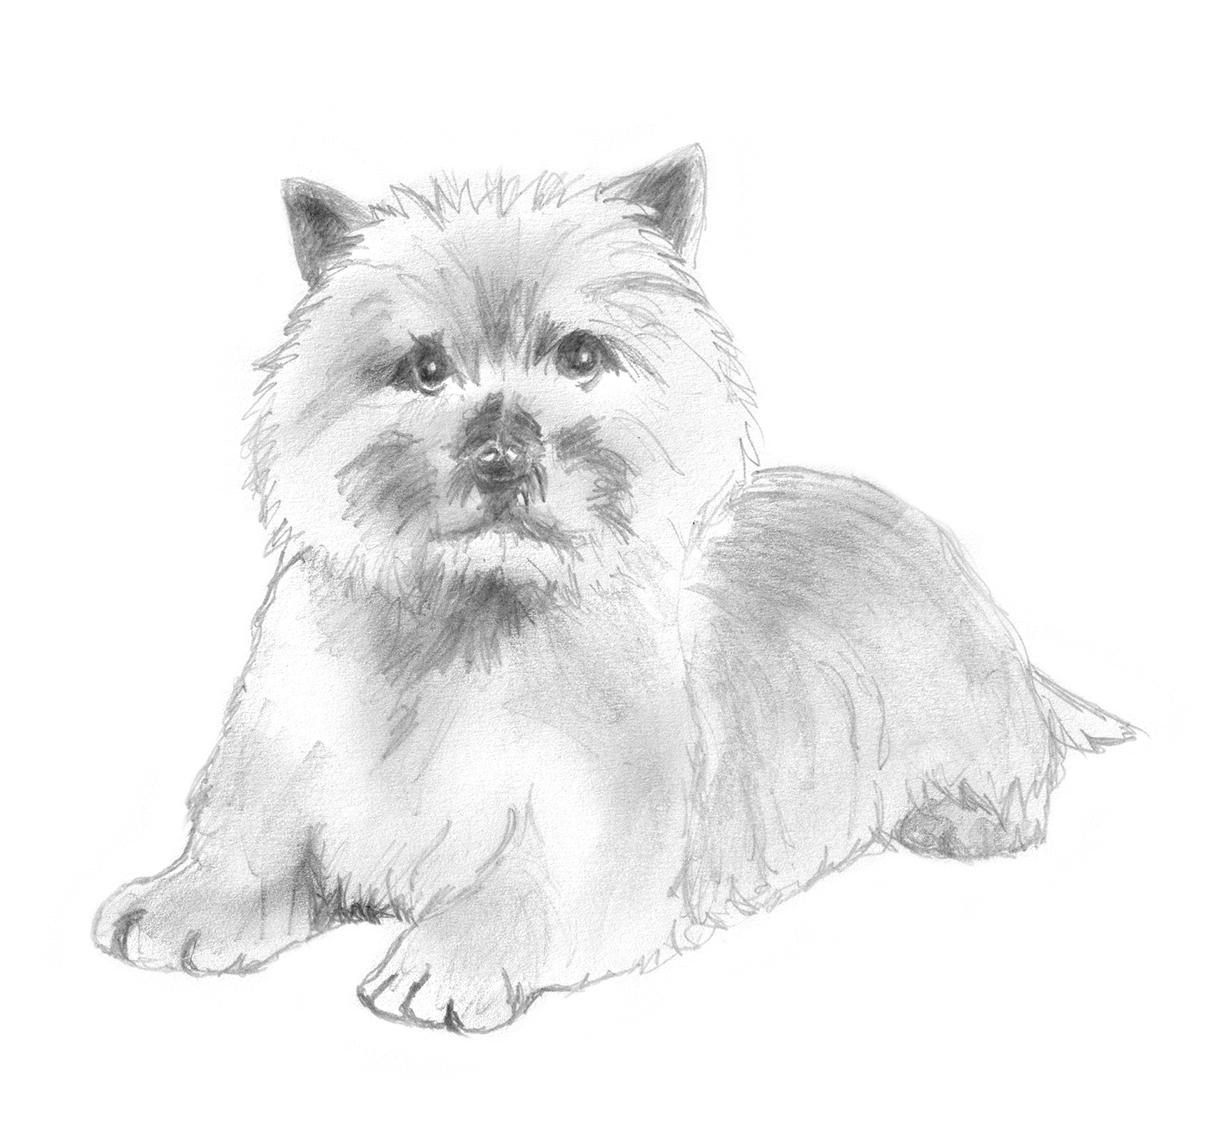 Sketch of Cairn terrier